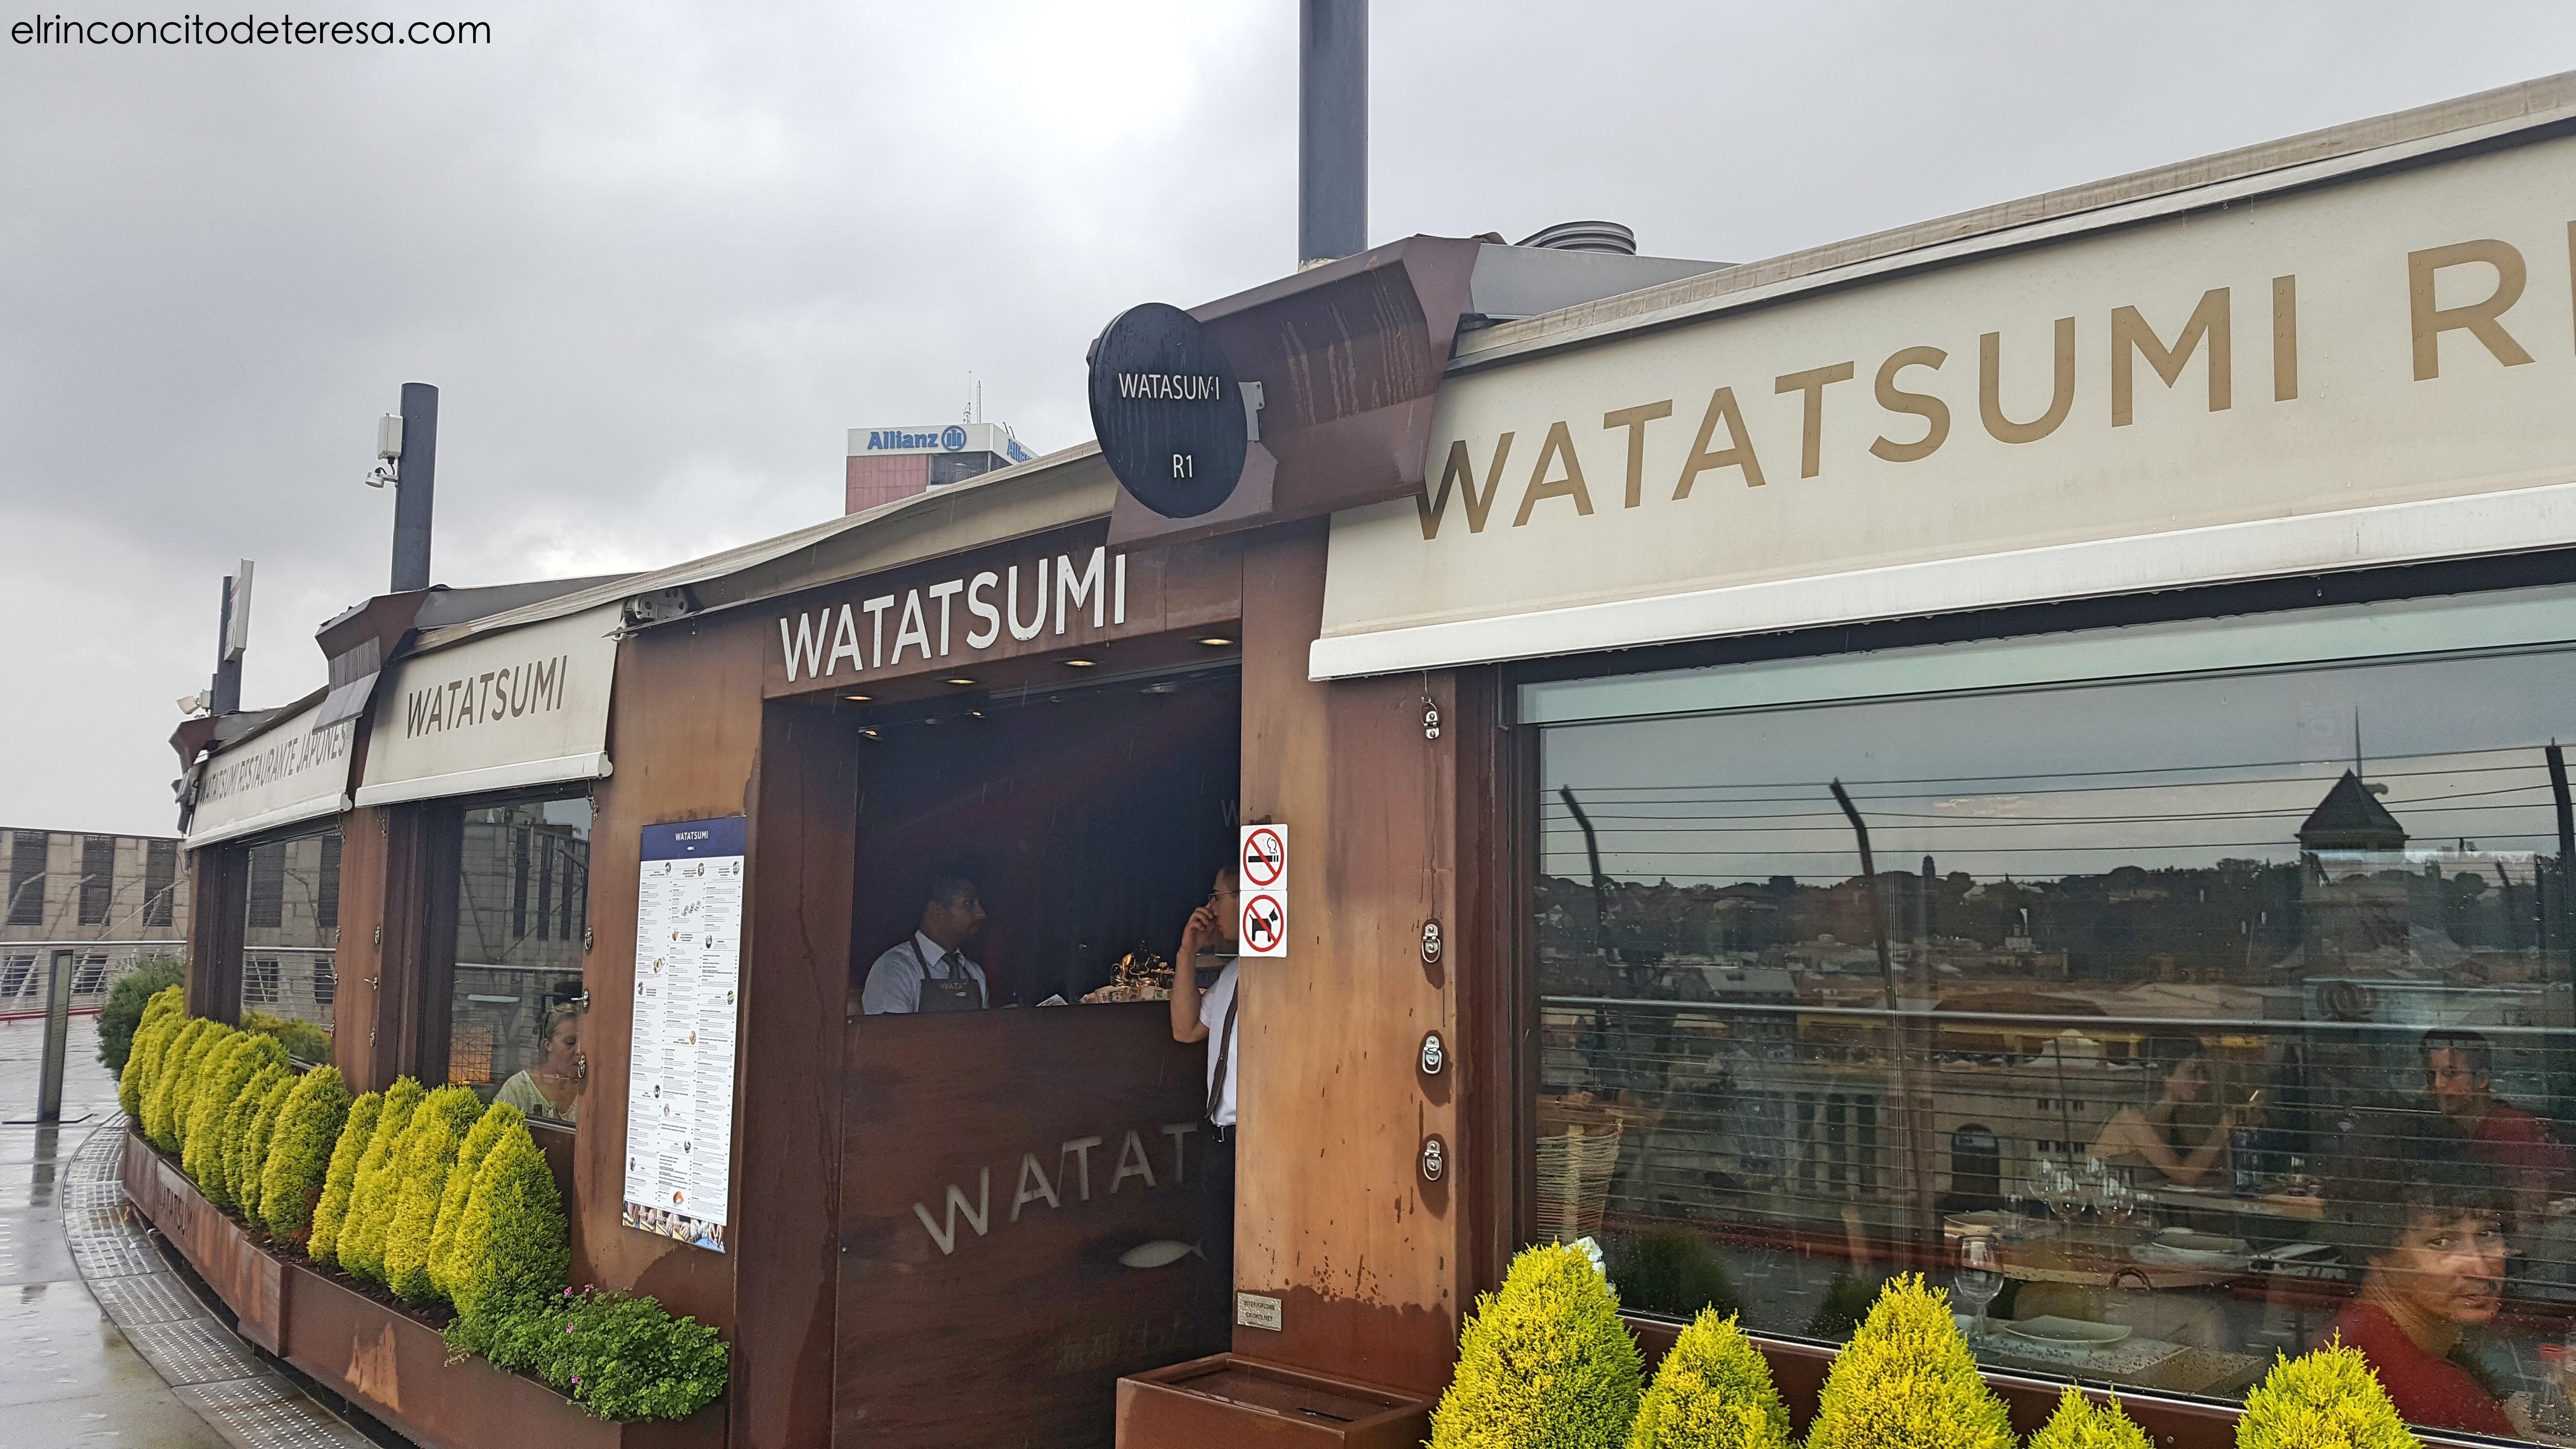 watatsumi-entrada